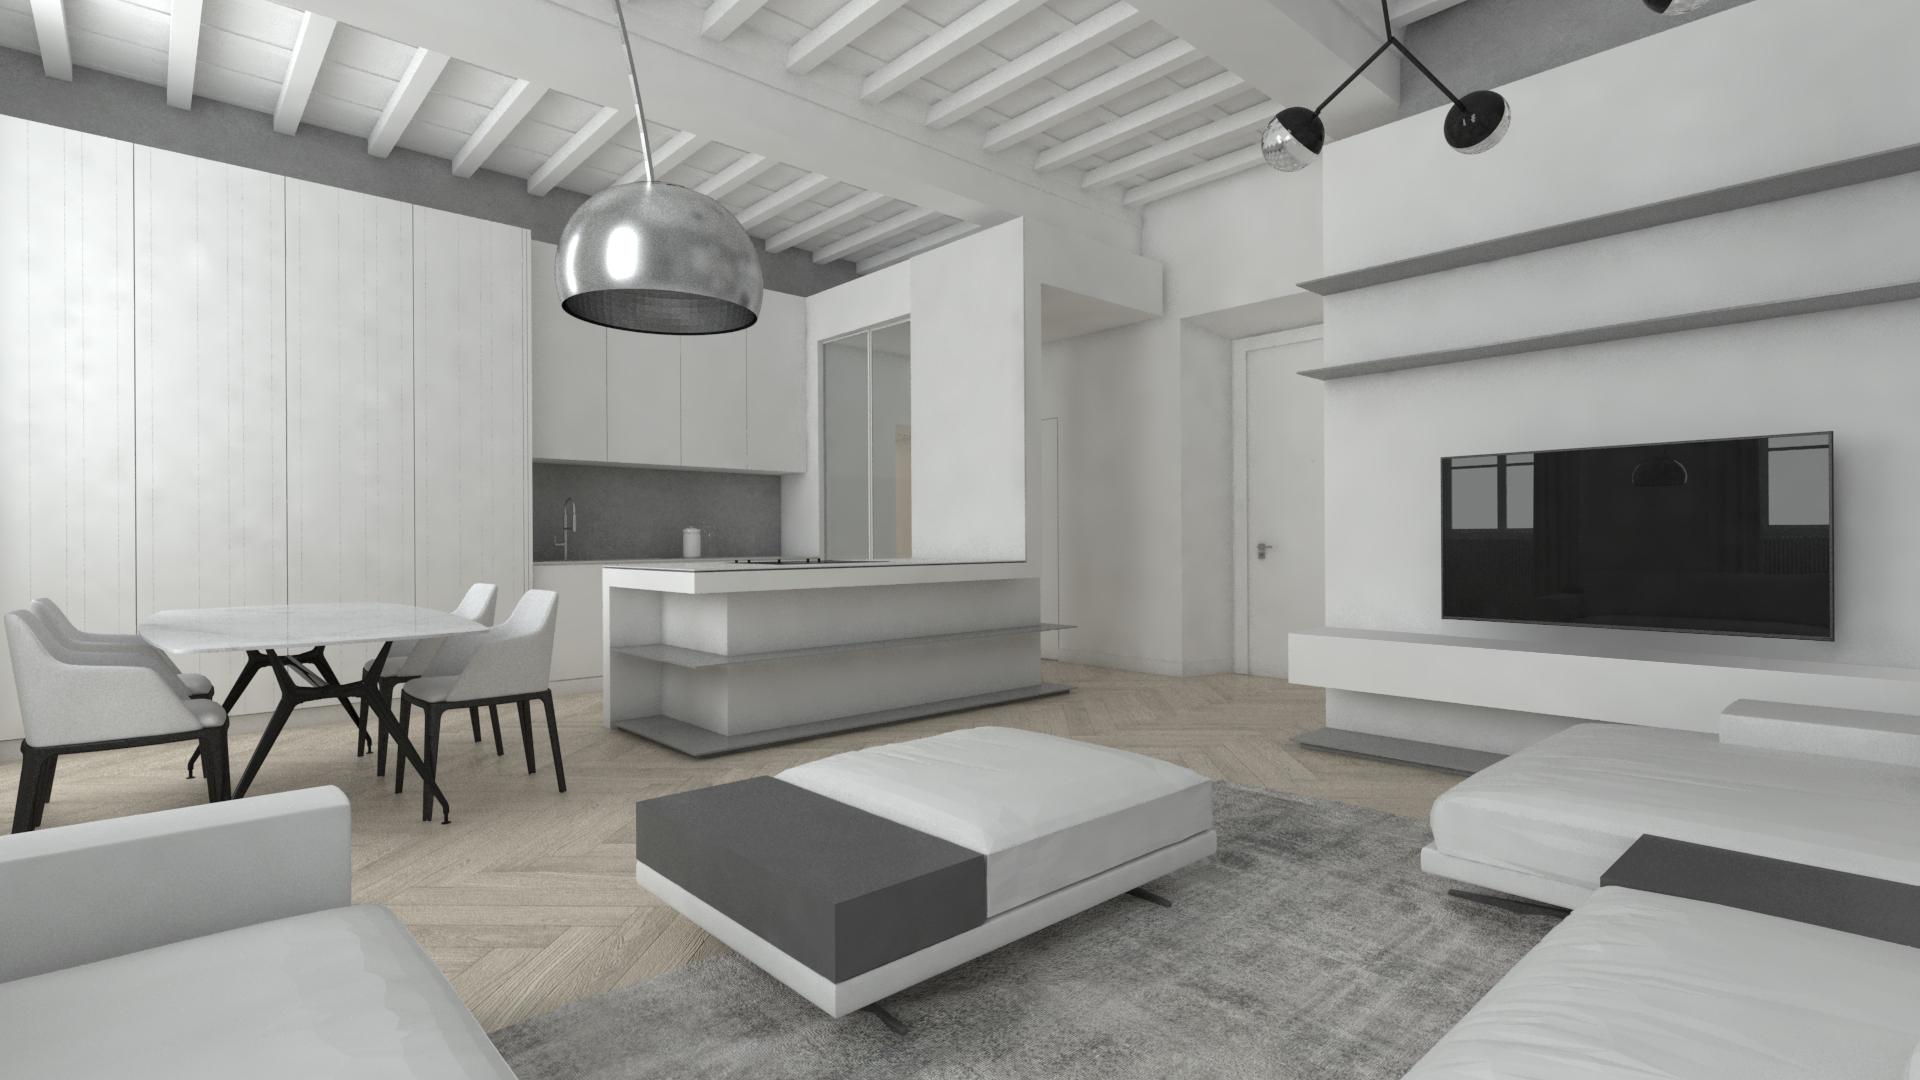 DFG-Architetti-Luce-Spazio-e-Memori-a-Palazzo-Giannini-eredità-del-700-2